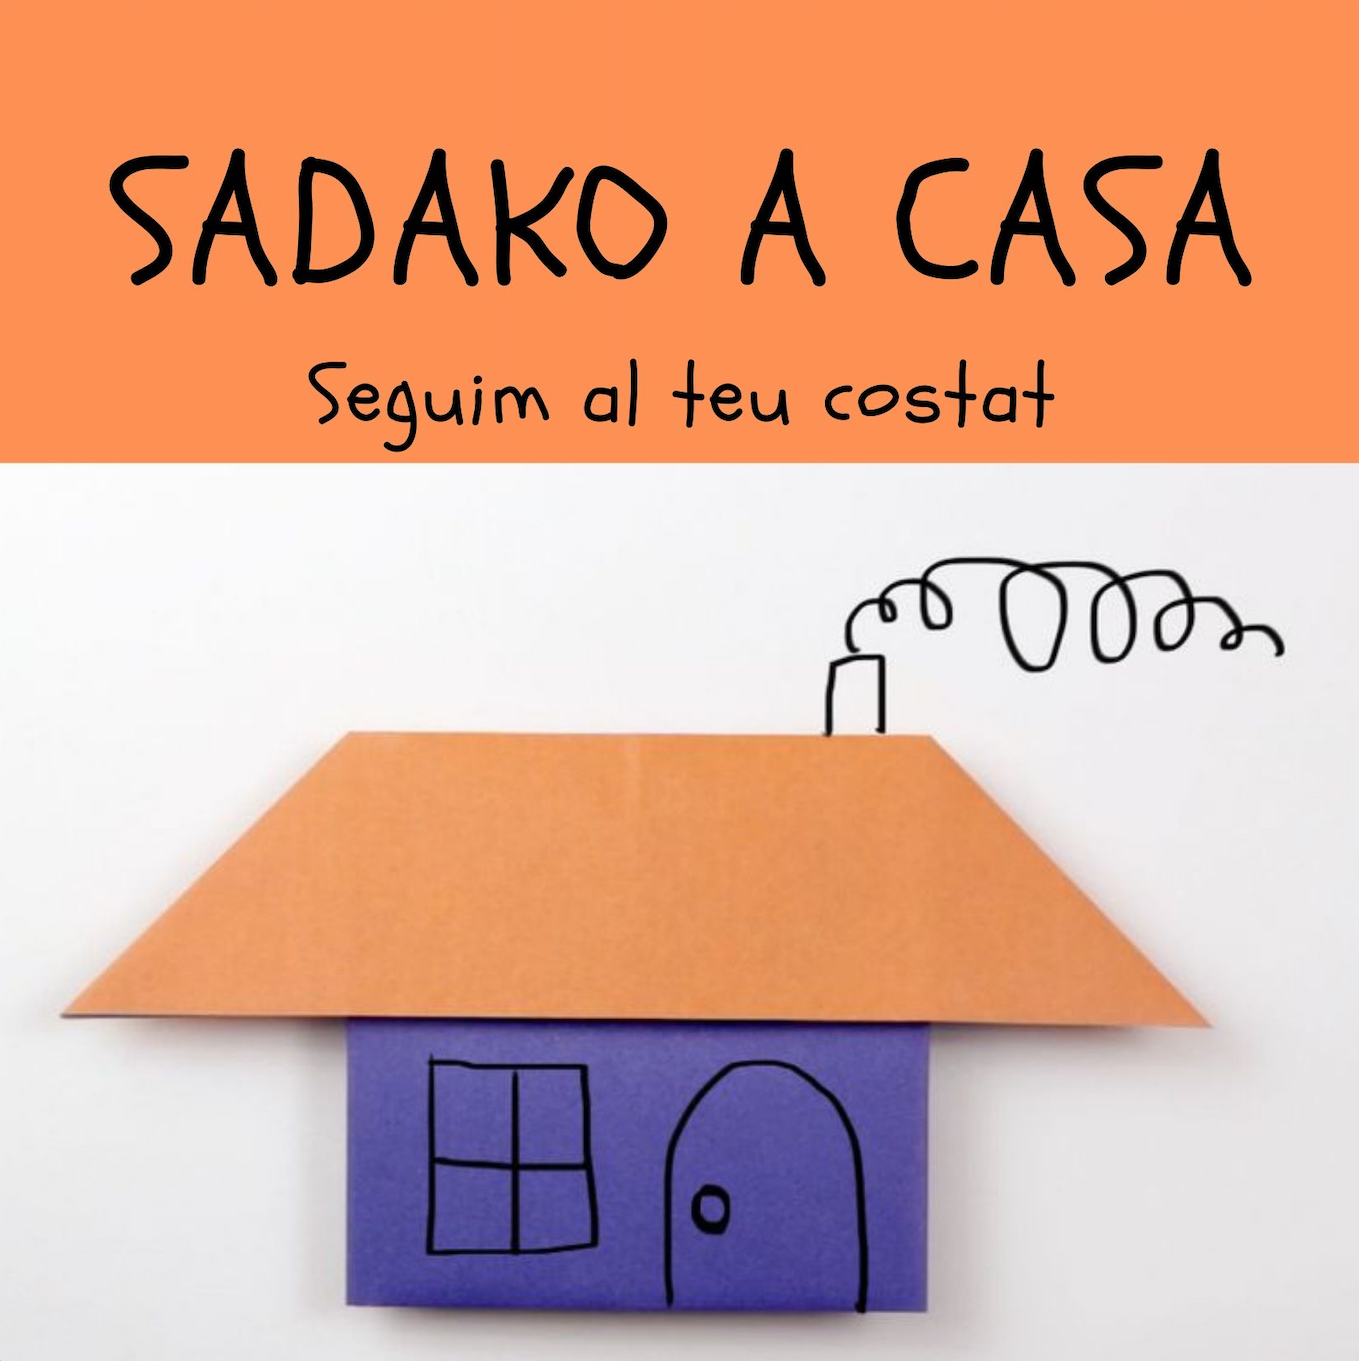 Sadako a casa